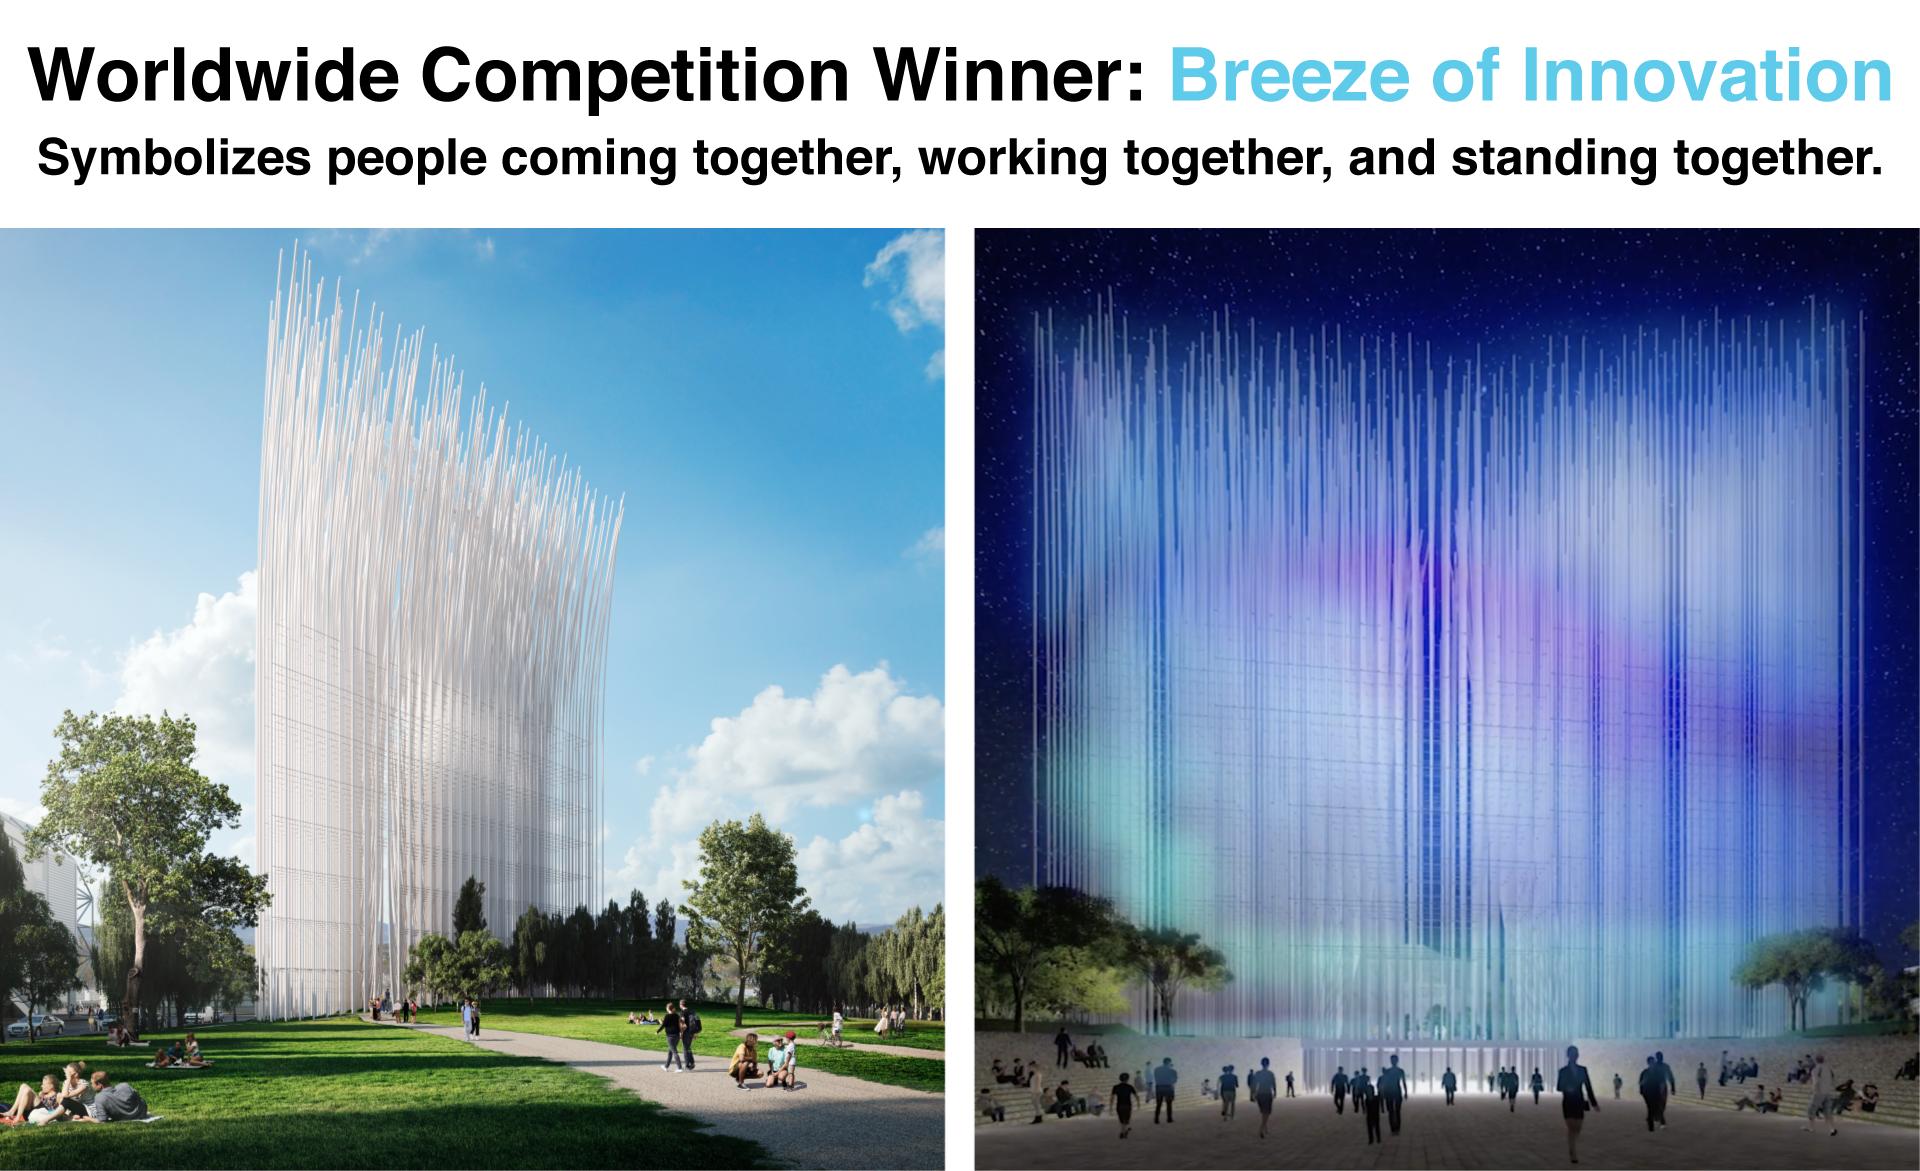 Breeze-Worldwide-Winner